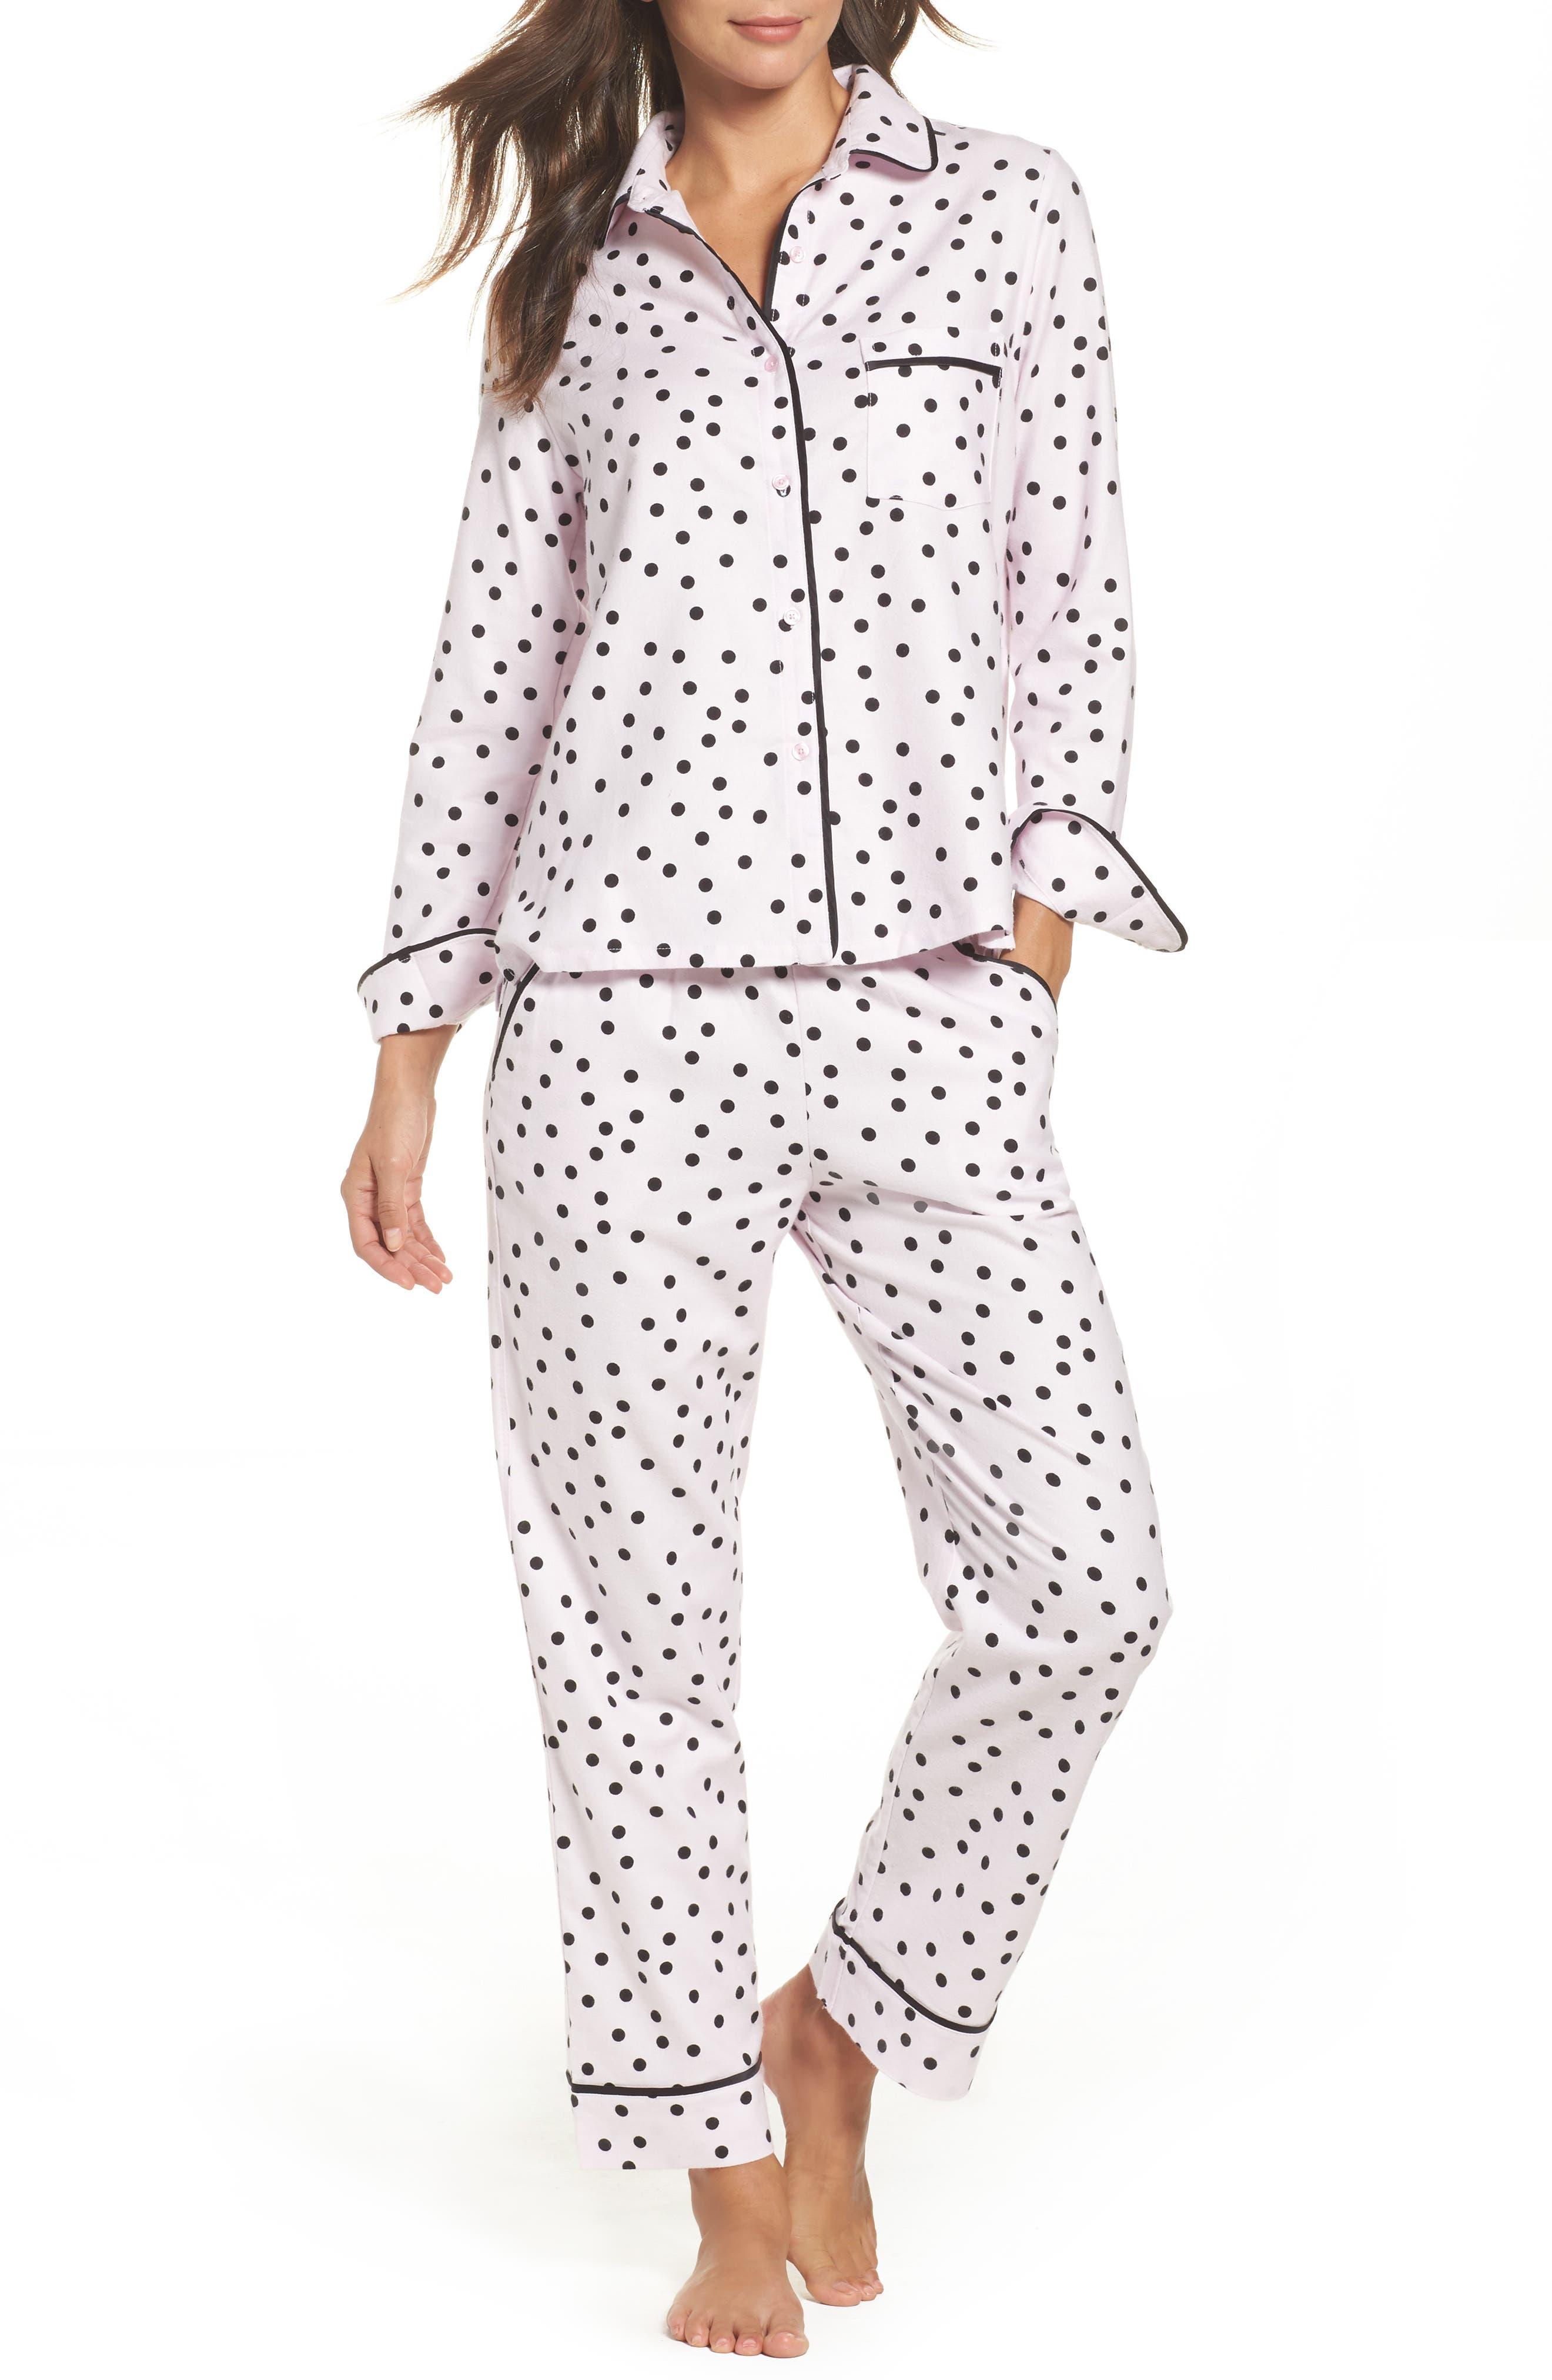 kate spade new york flannel pajamas